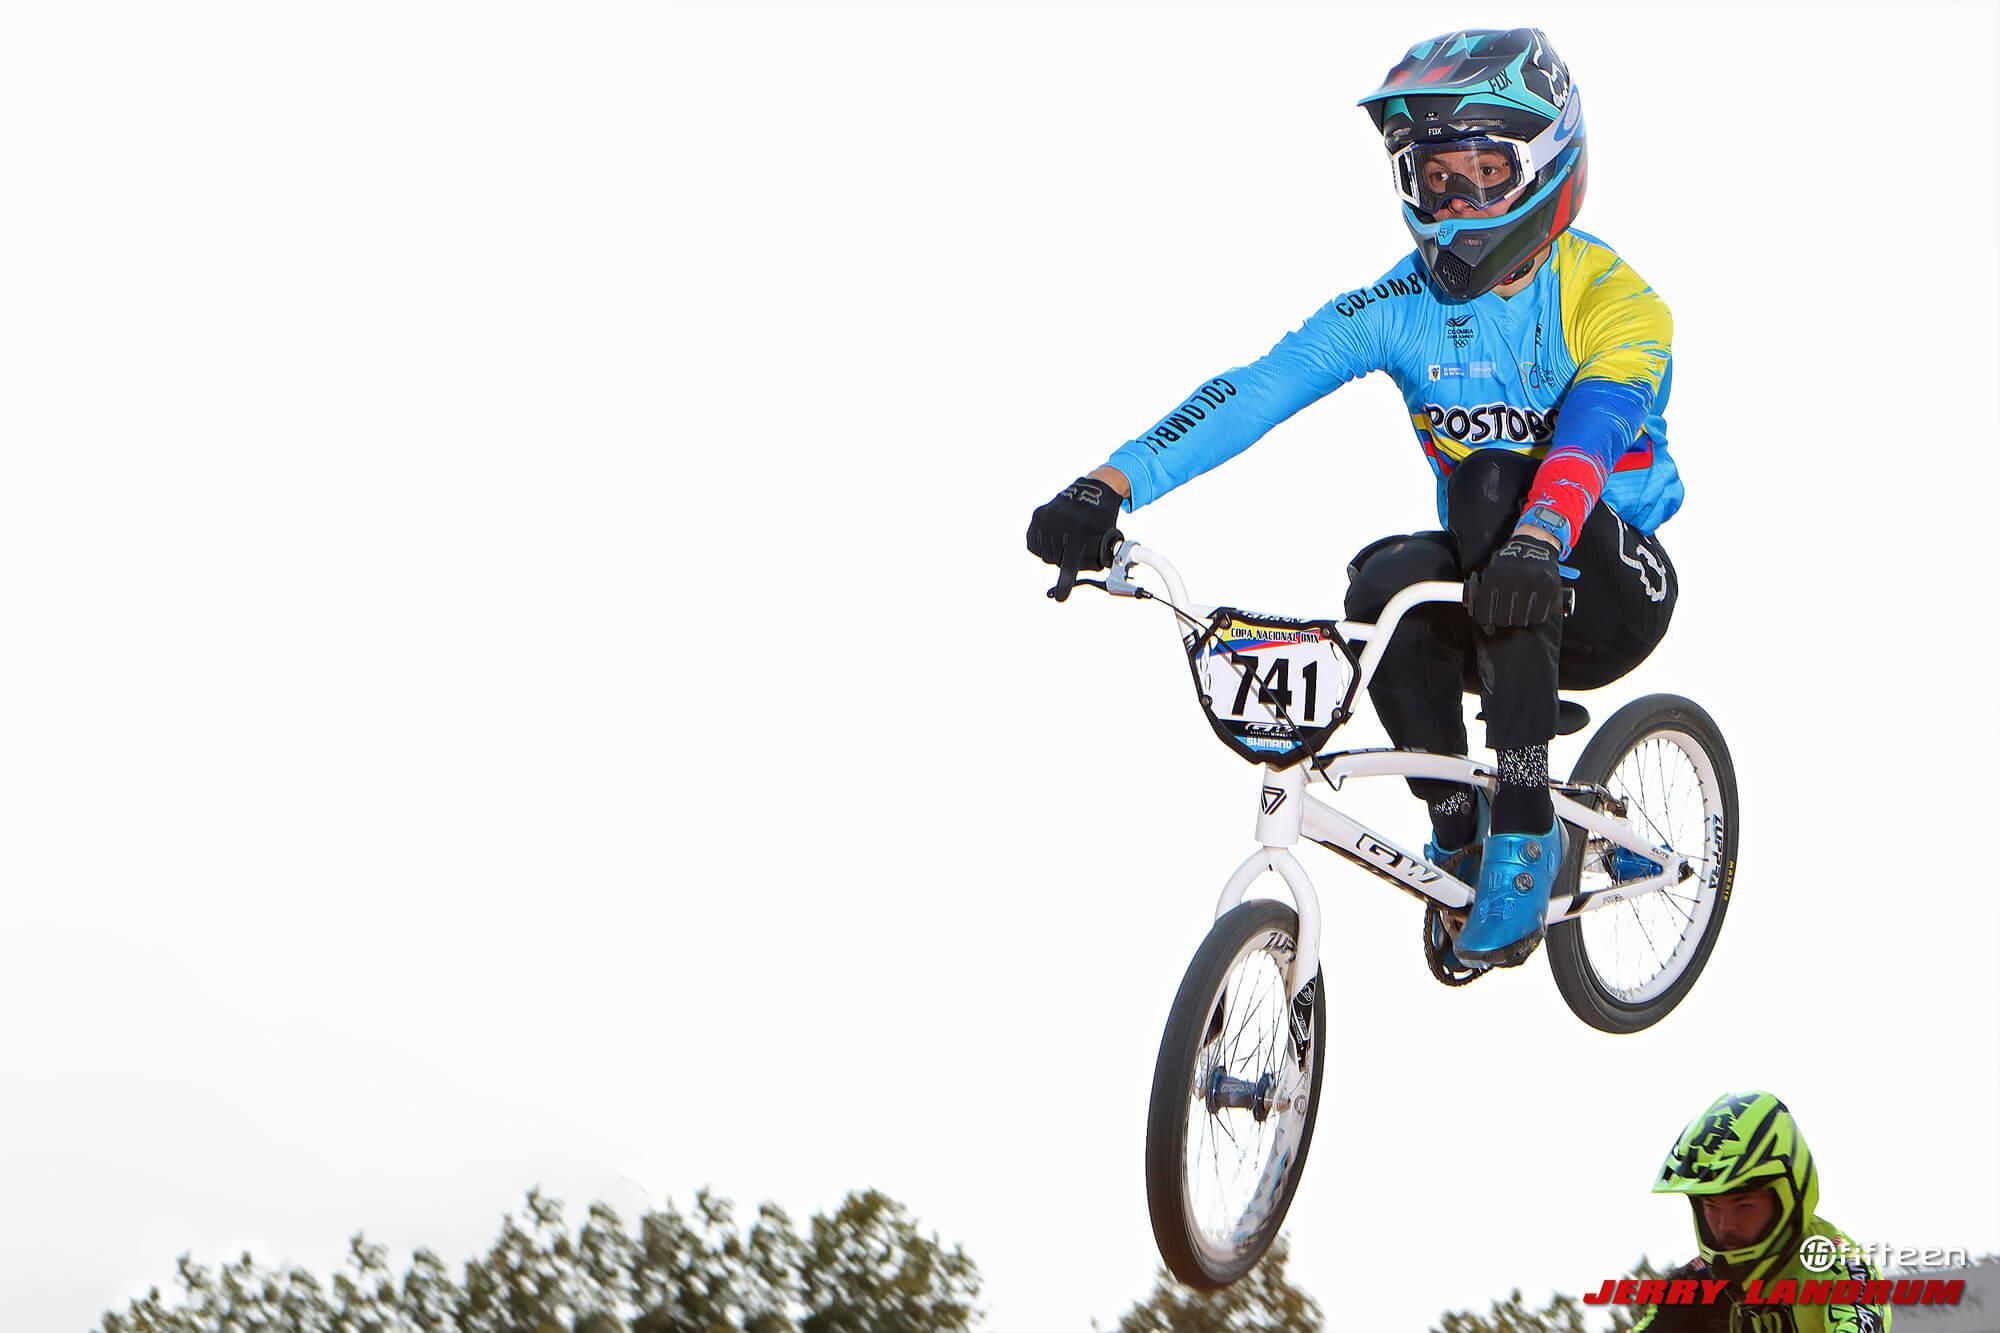 USA BMX Derby City 2020 - Jerry Landrum - Diego Arboleda - 0178-2000